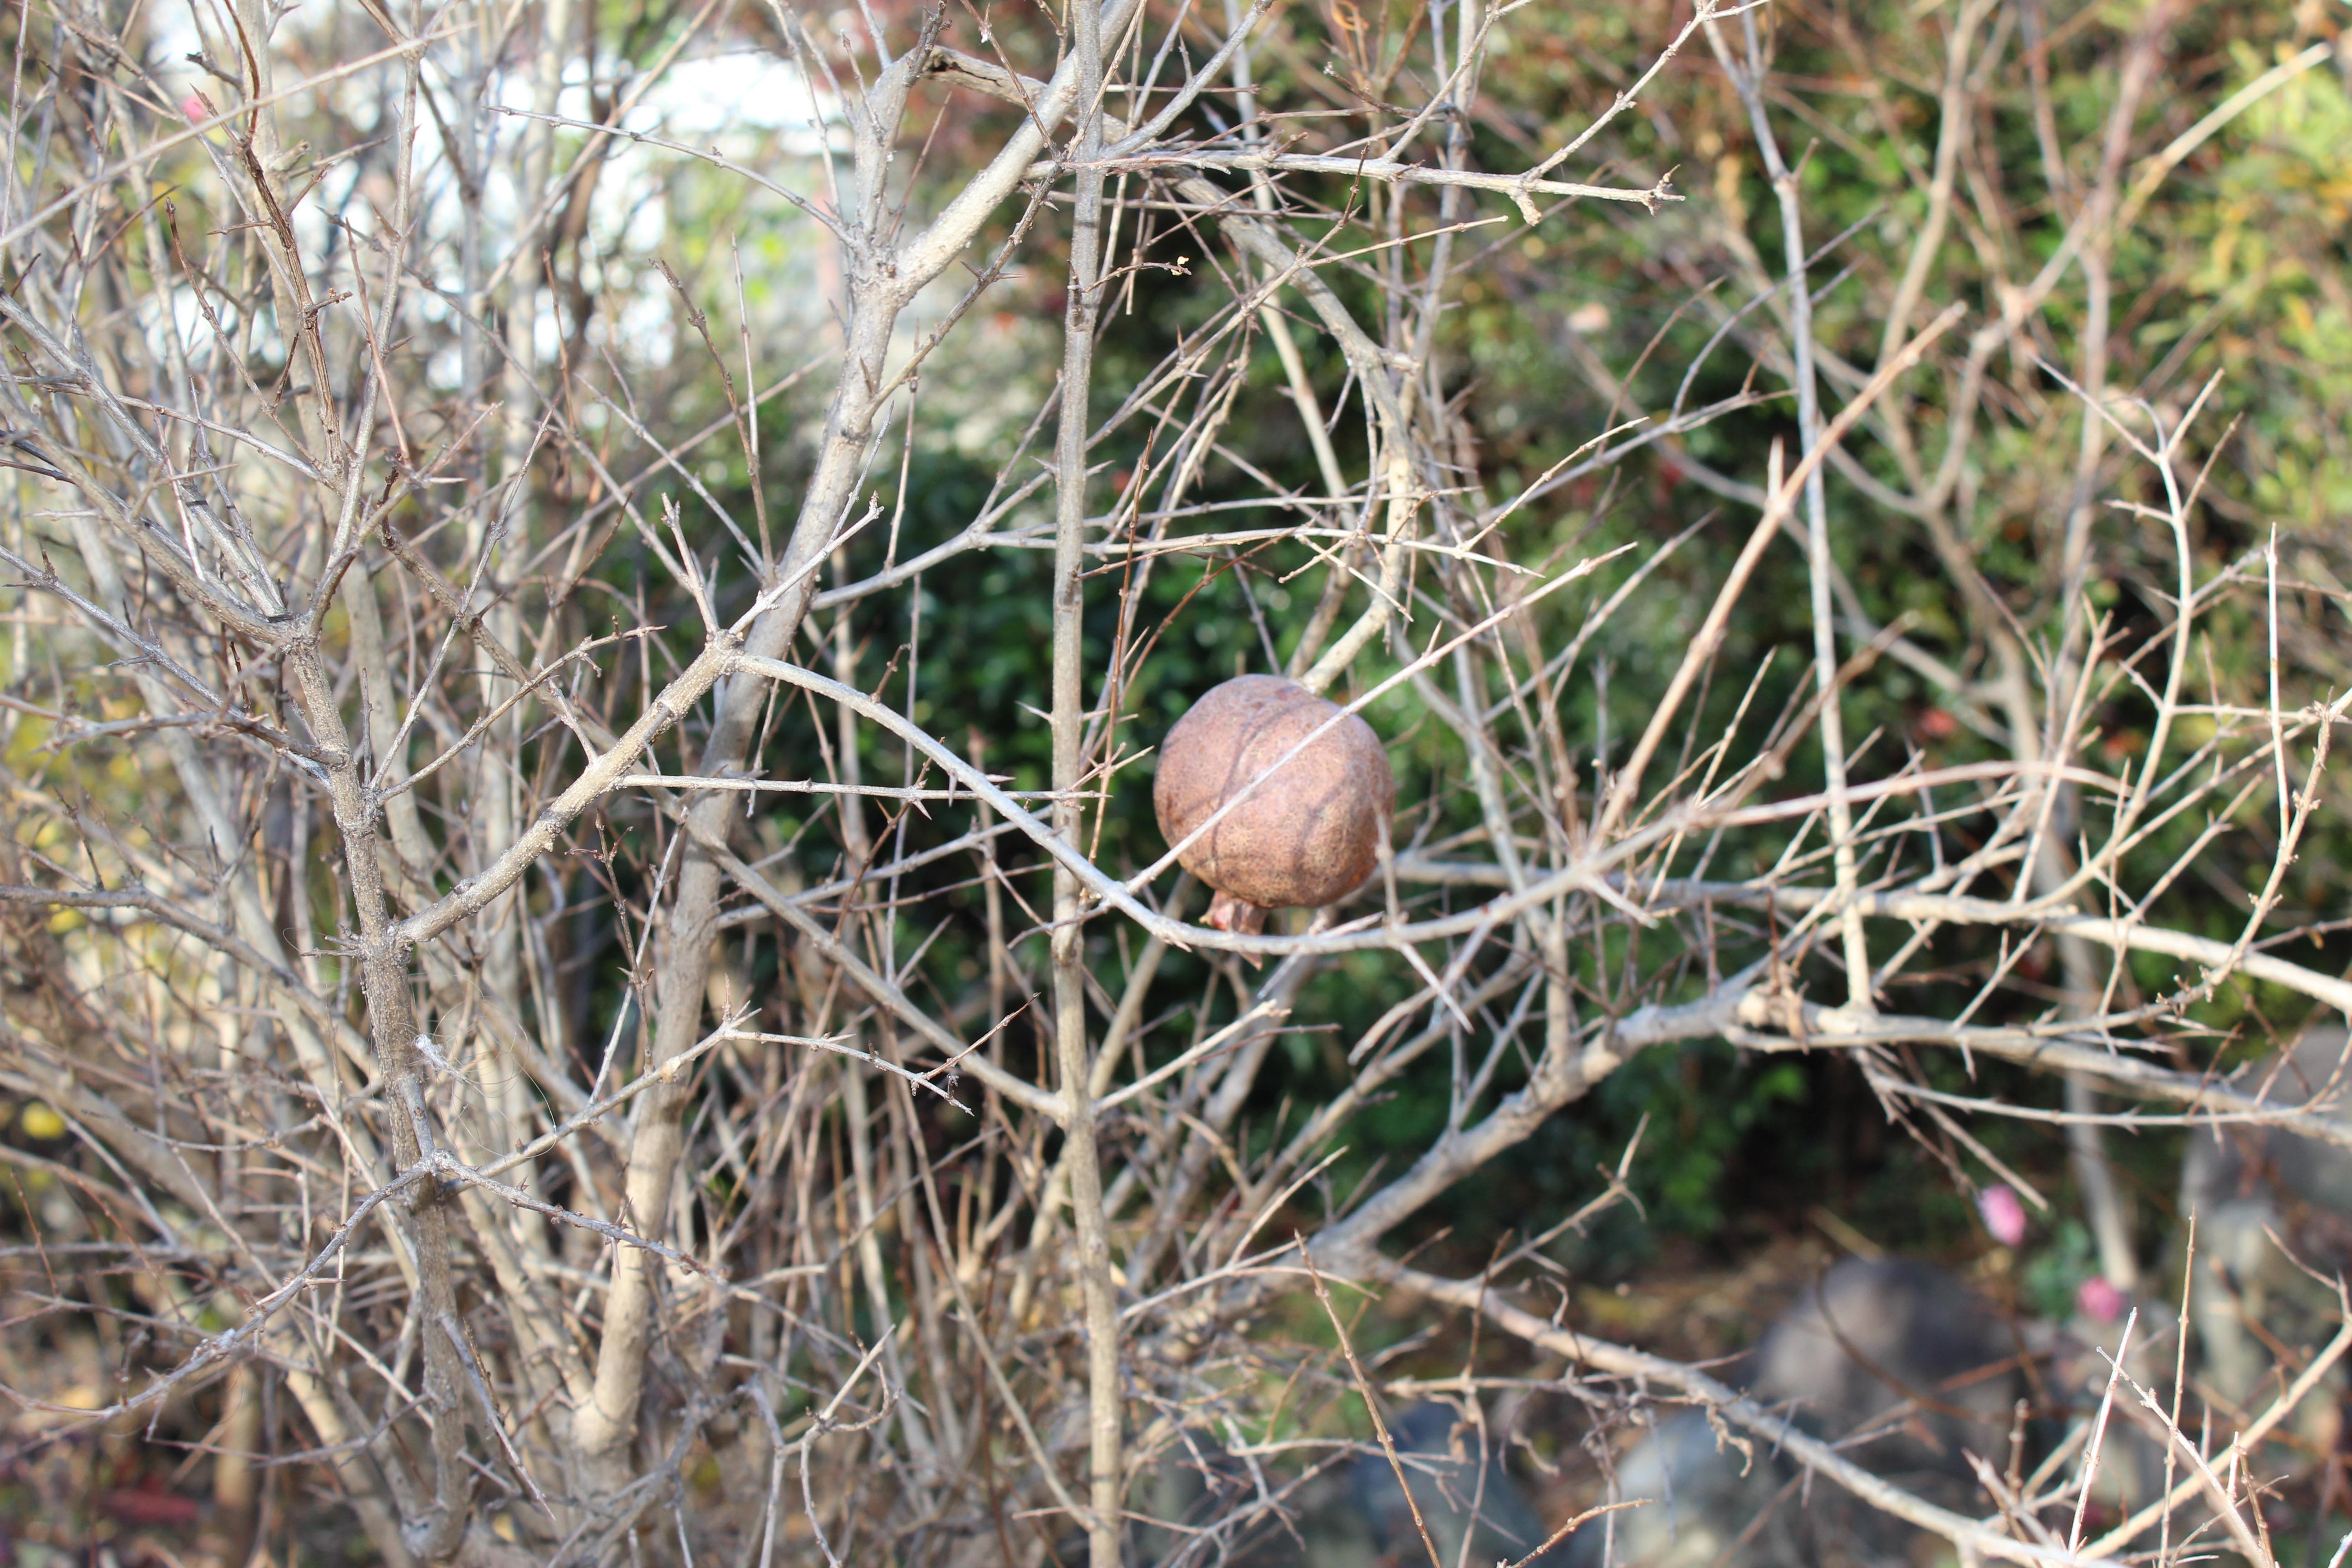 今年初めて結実した、唯一の柘榴(ざくろ)です。